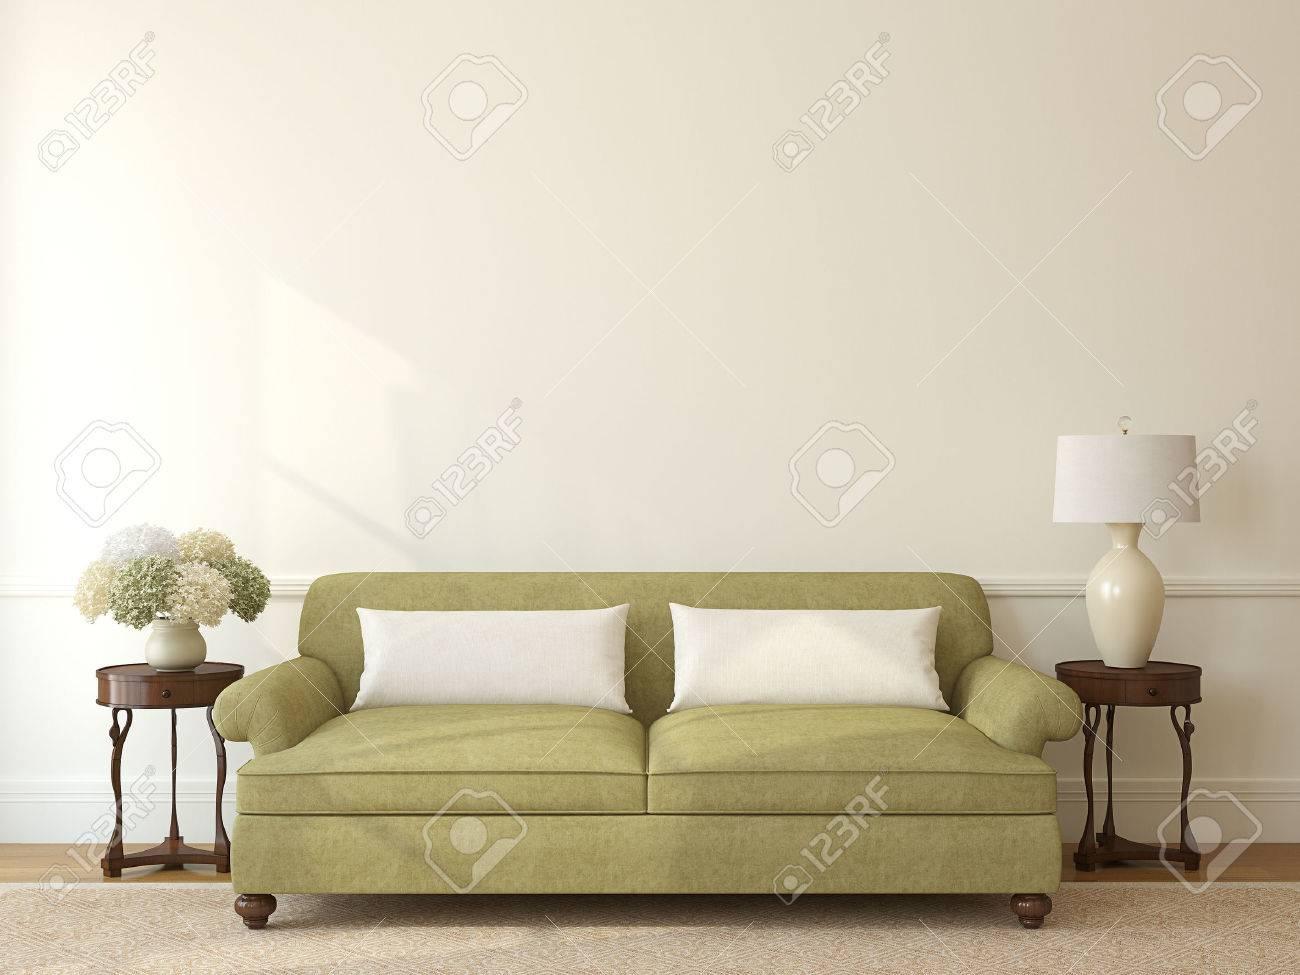 Klassieke woonkamer interieur met groene bank in de buurt van lege ...